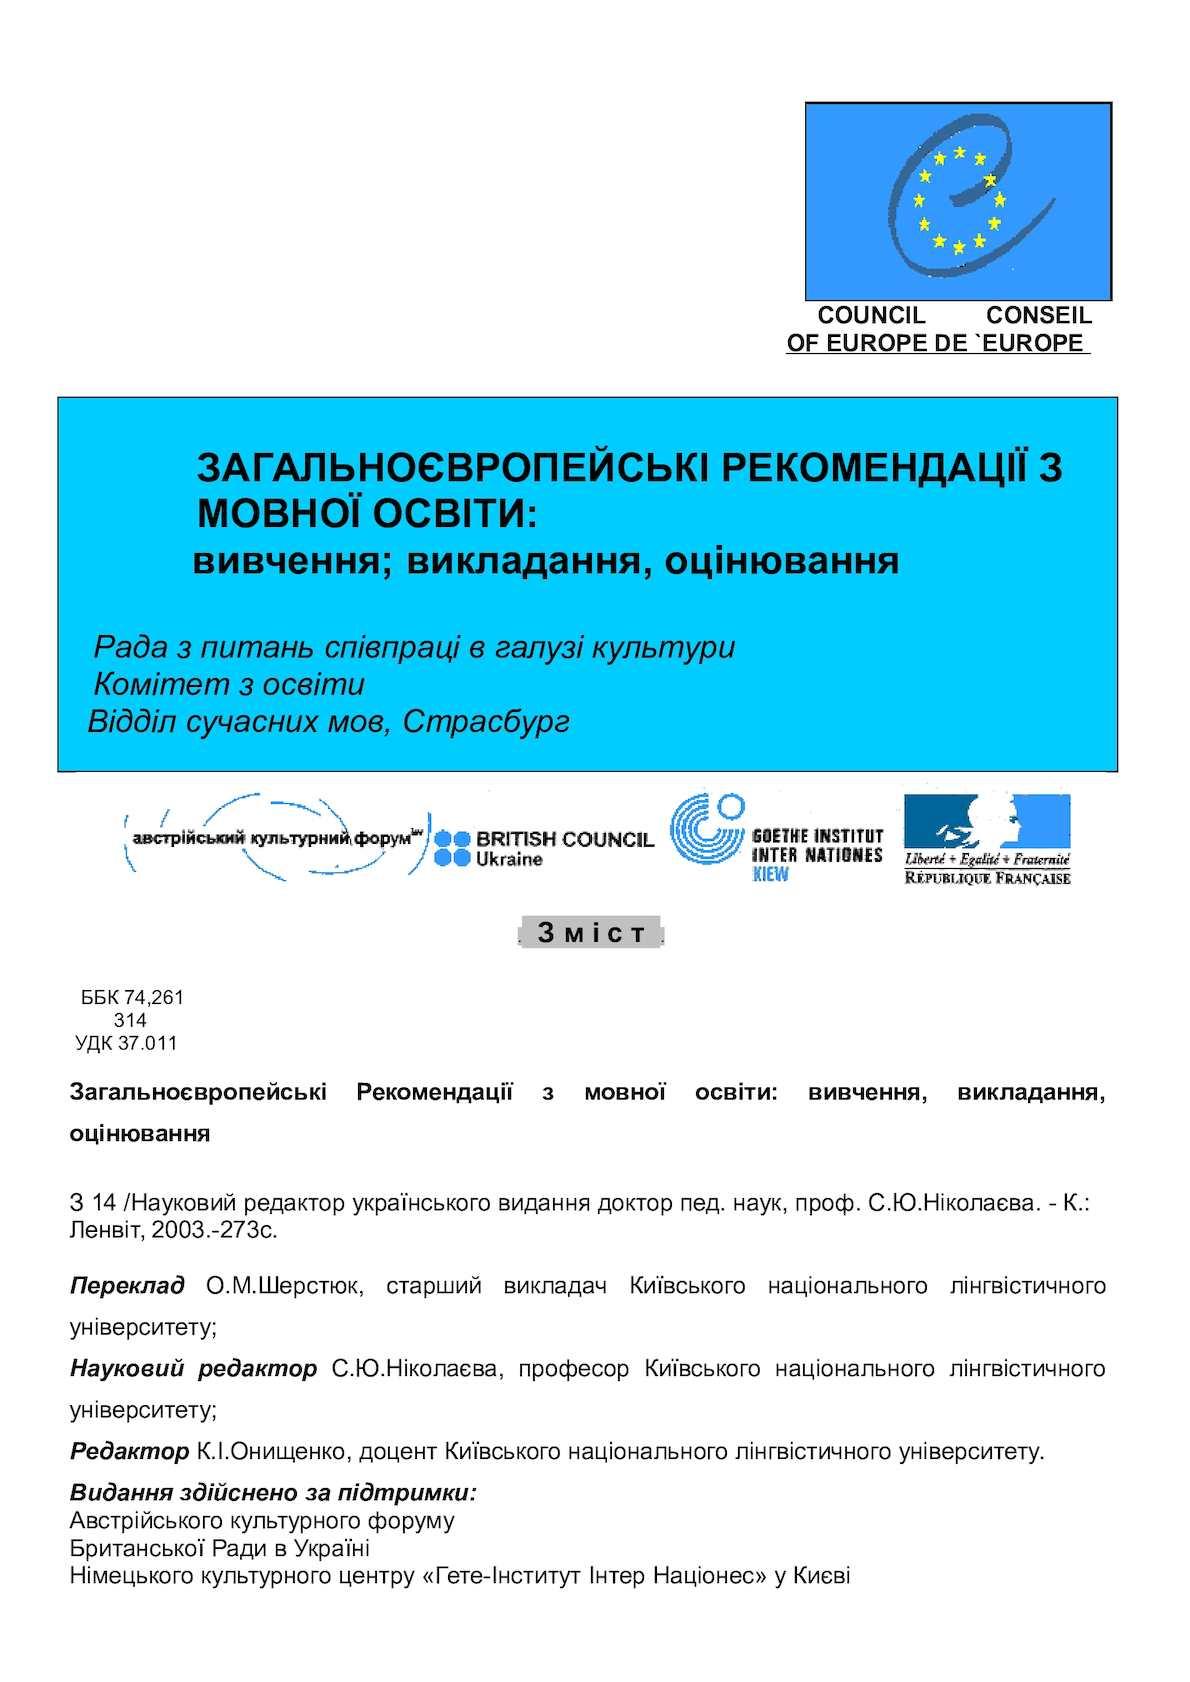 Calaméo - Європейські рекомендації з мовної компетентності 9c479a3997bbc